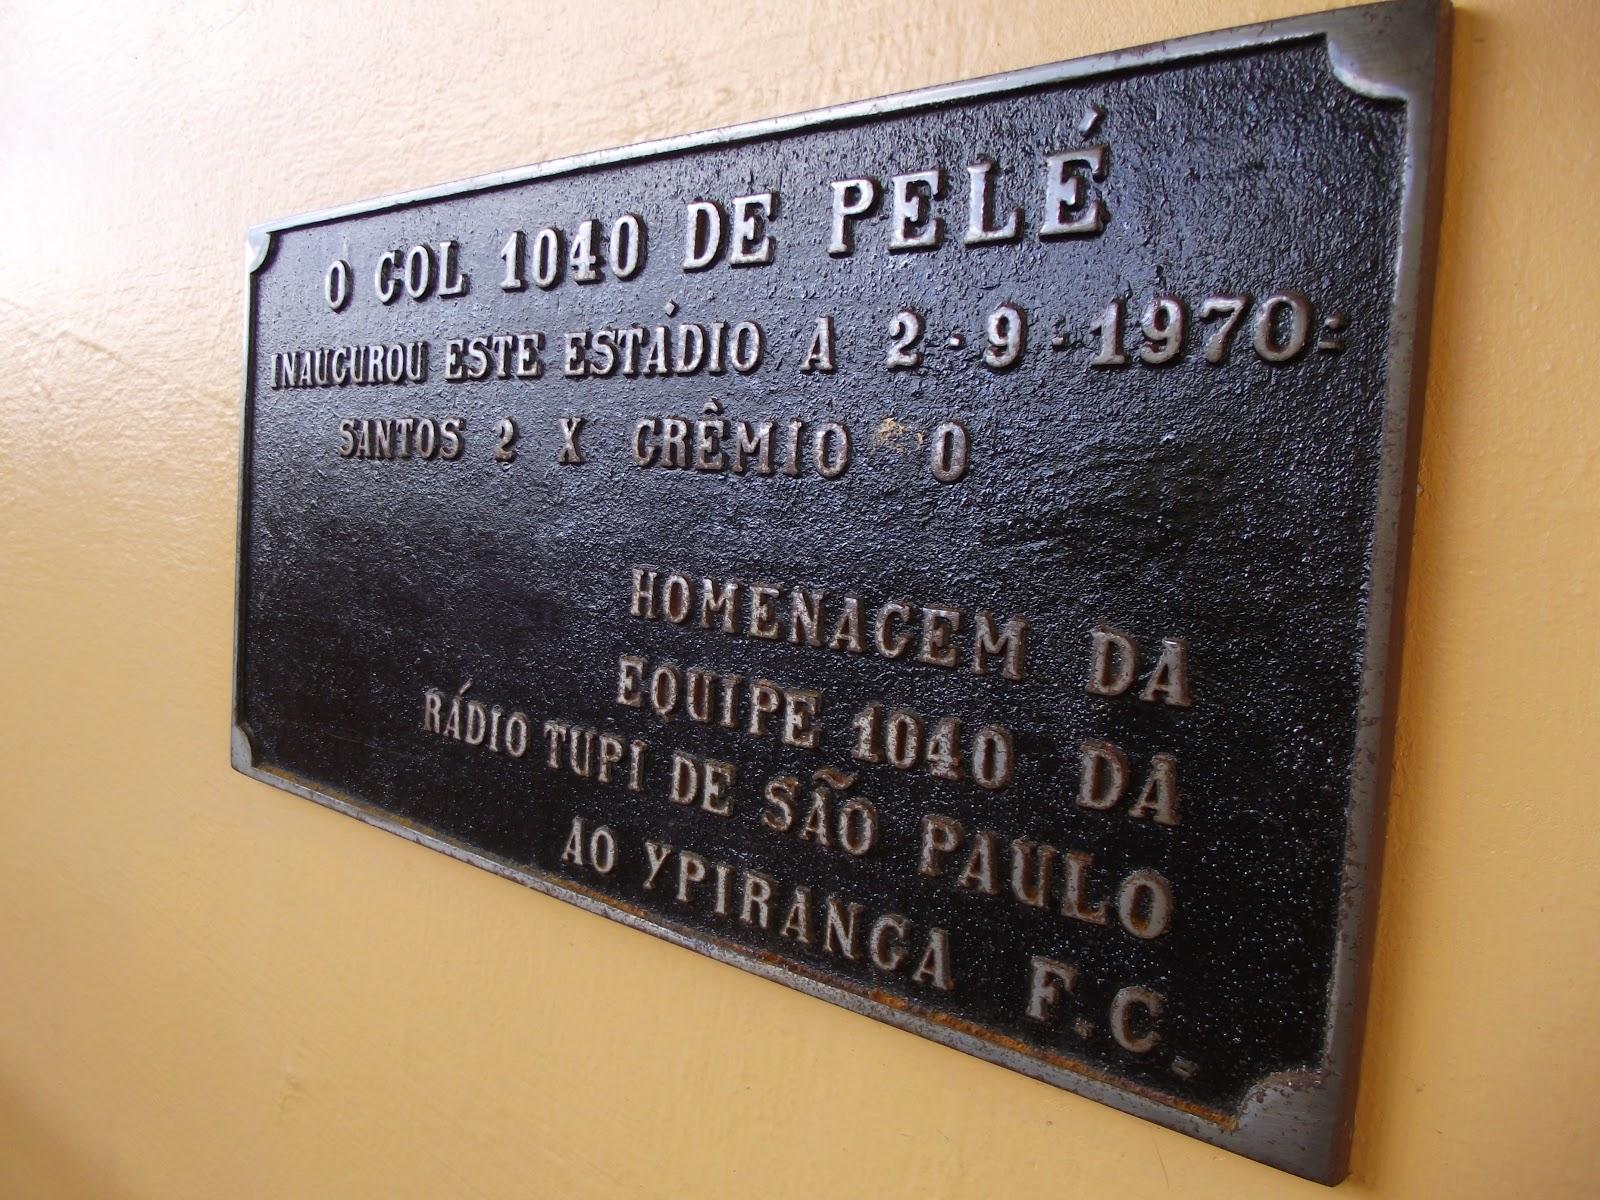 Resultado de imagem para placa de bronze gol 1040 Pelé